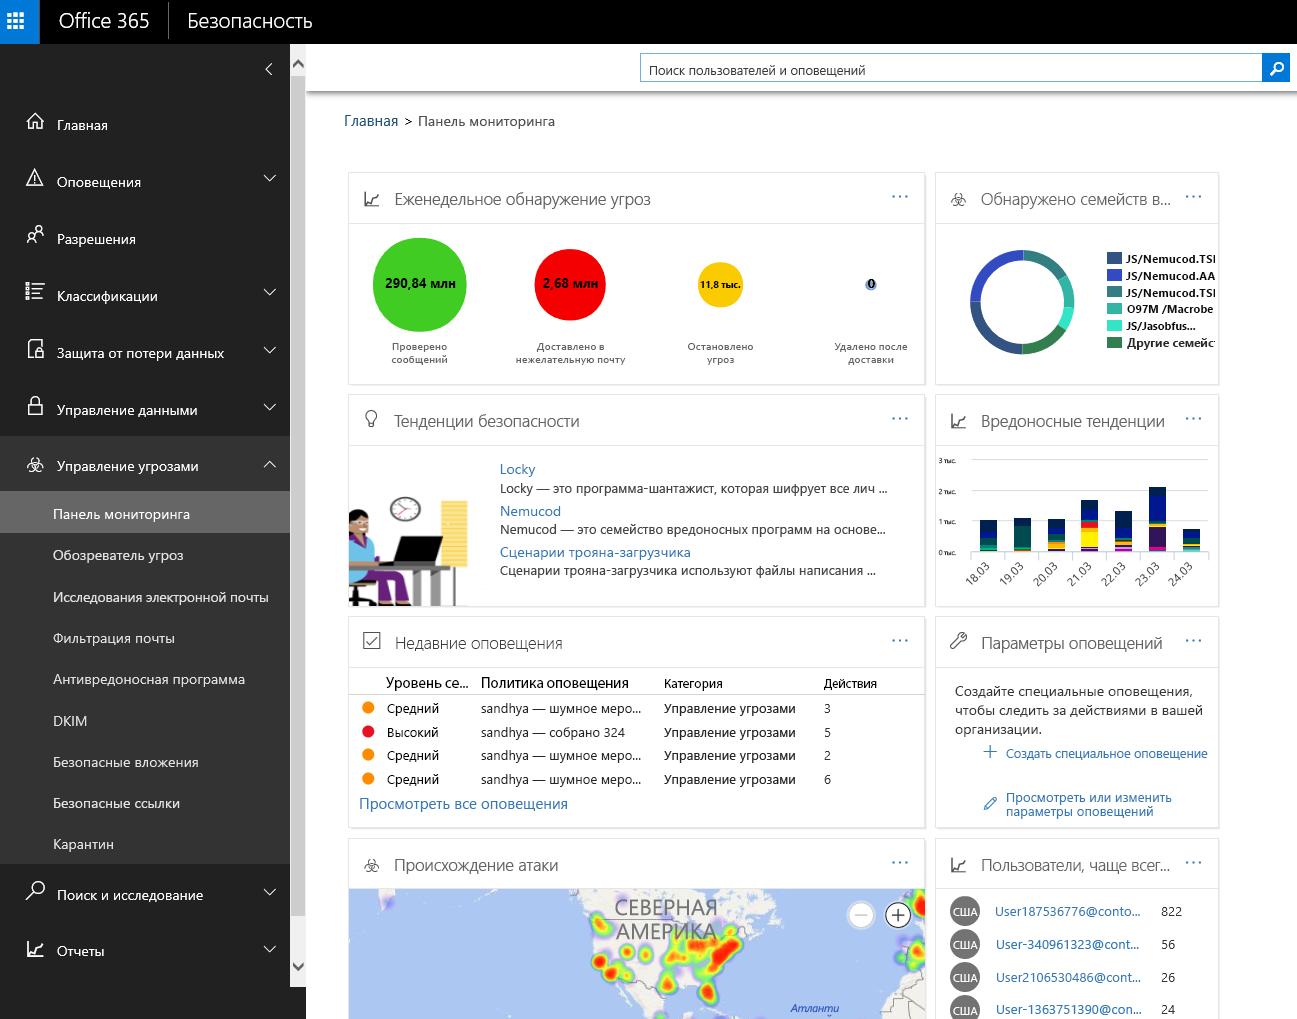 Снимок экрана: графики и диаграммы в сводке угроз для определенного клиента Office 365 на панели мониторинга Threat Intelligence